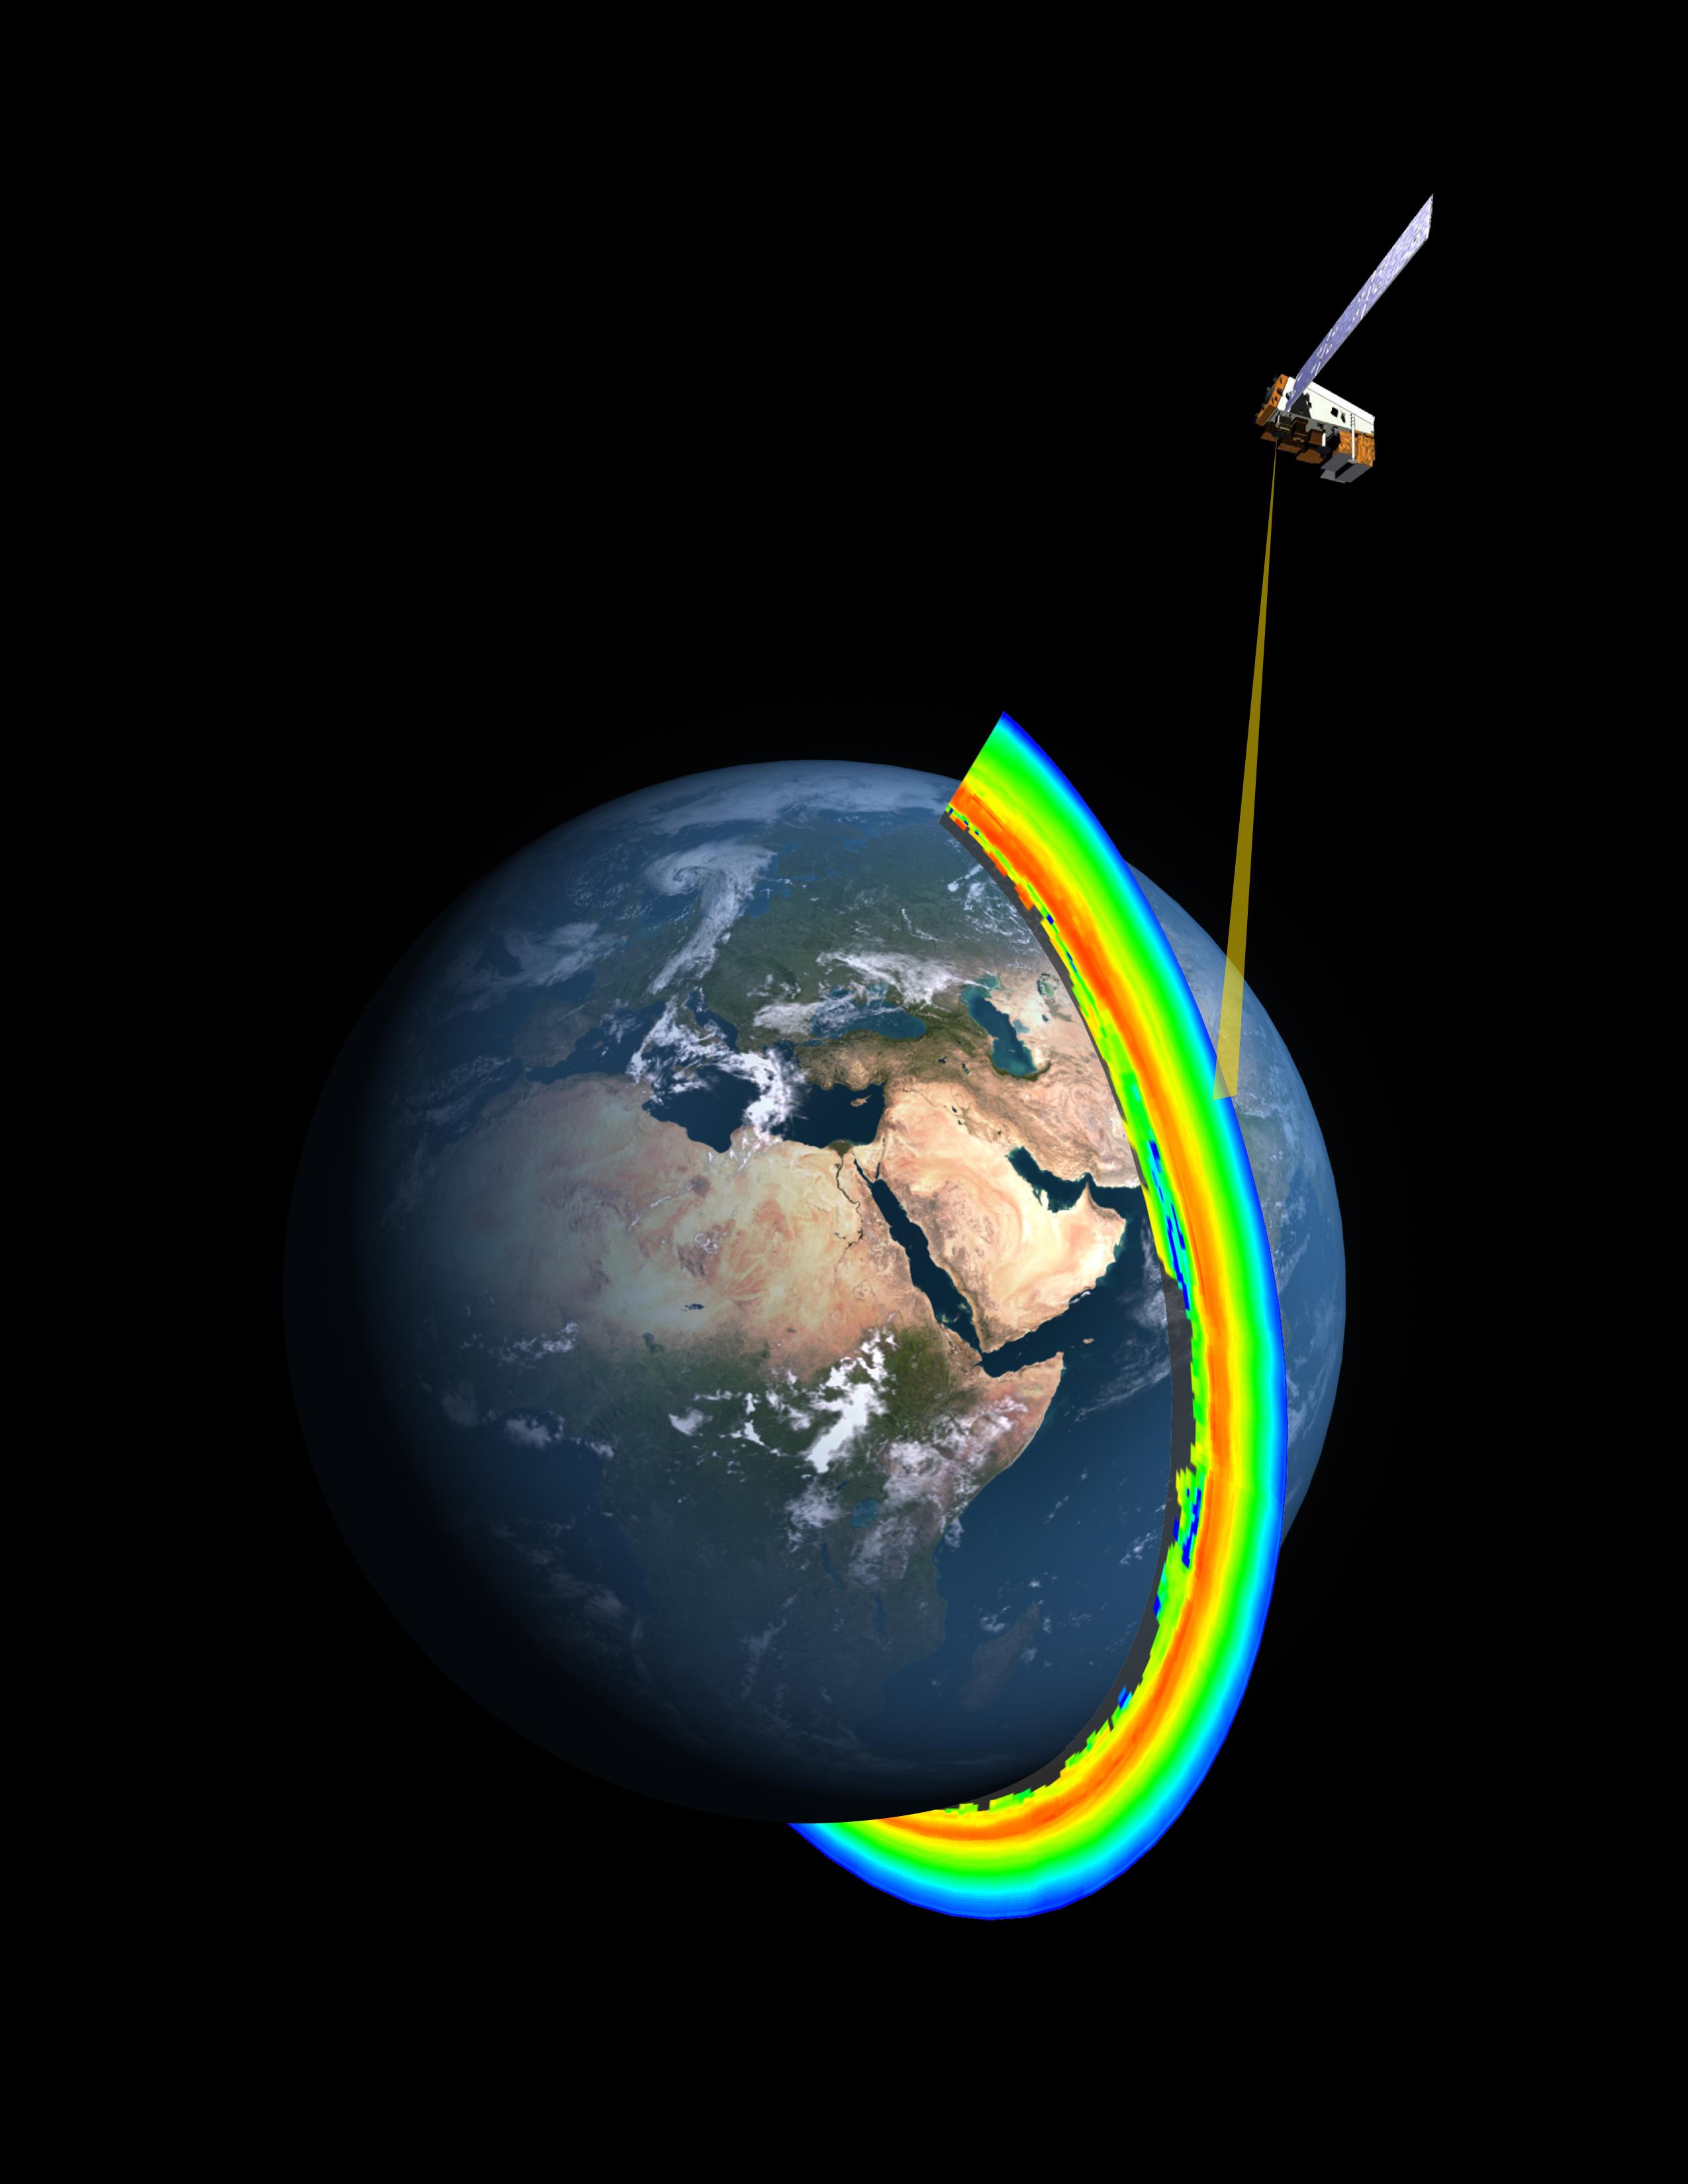 Ozone Hole 2070: Hole Likely Won't Heal Until 2070, NASA Says